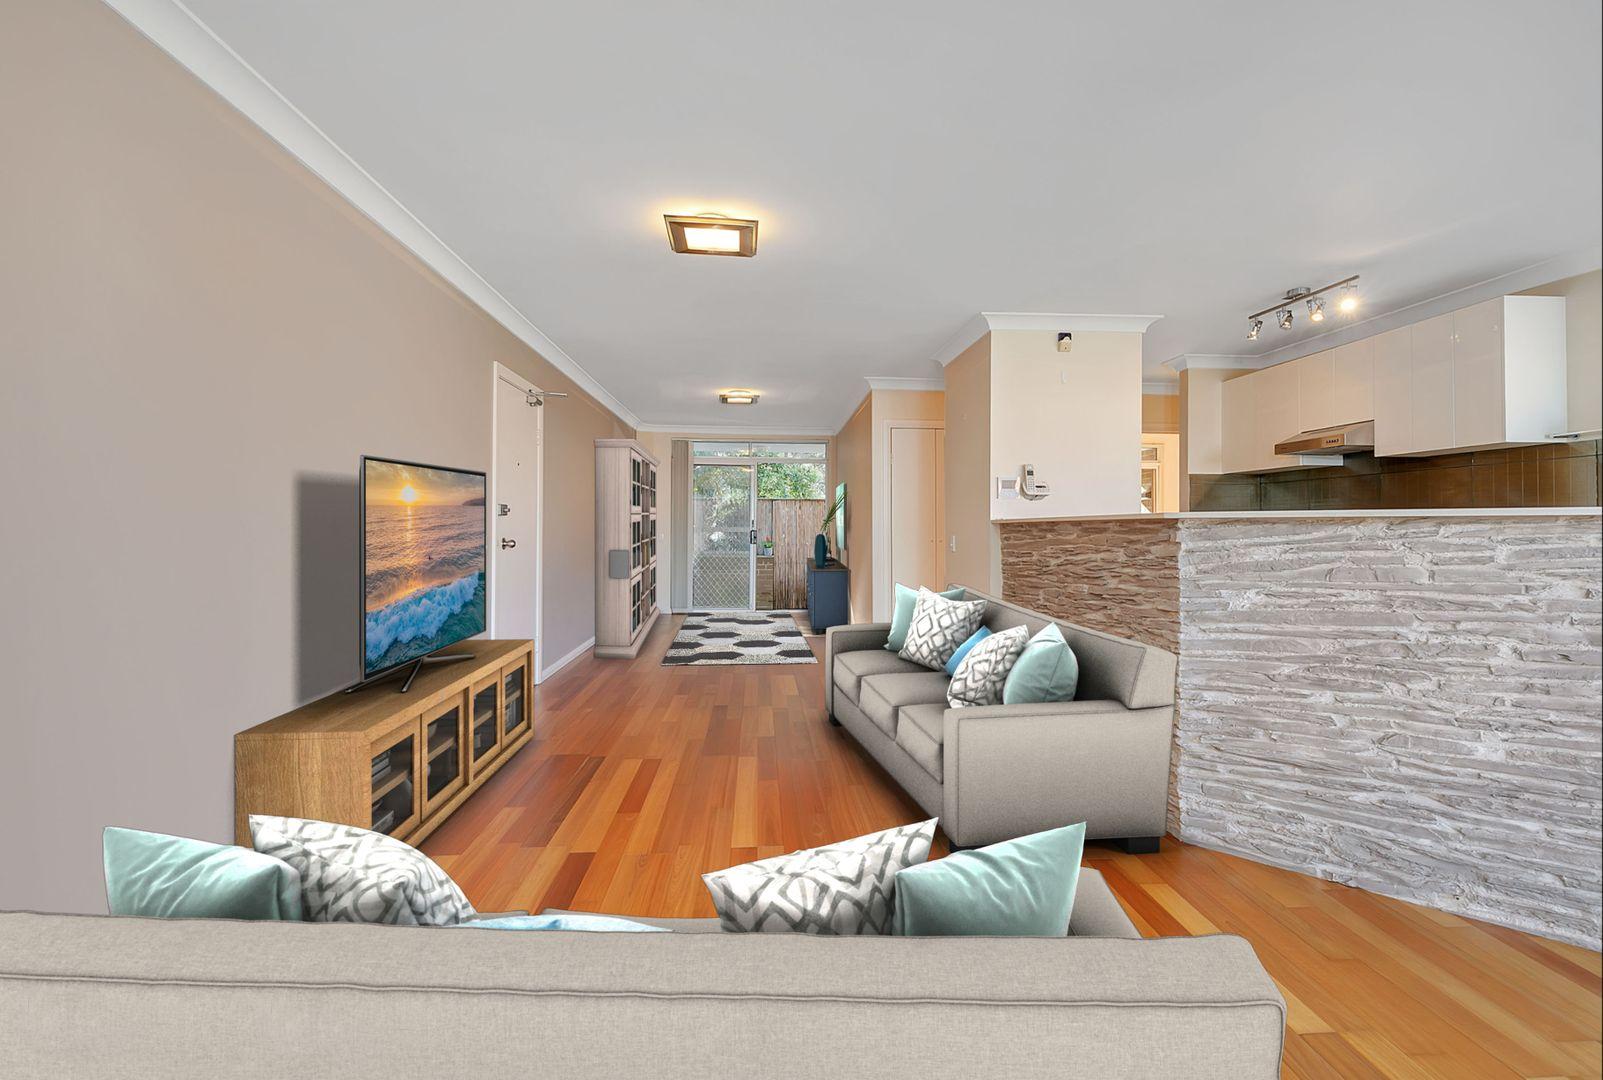 7/63 Queenscliff Road, Queenscliff NSW 2096, Image 0